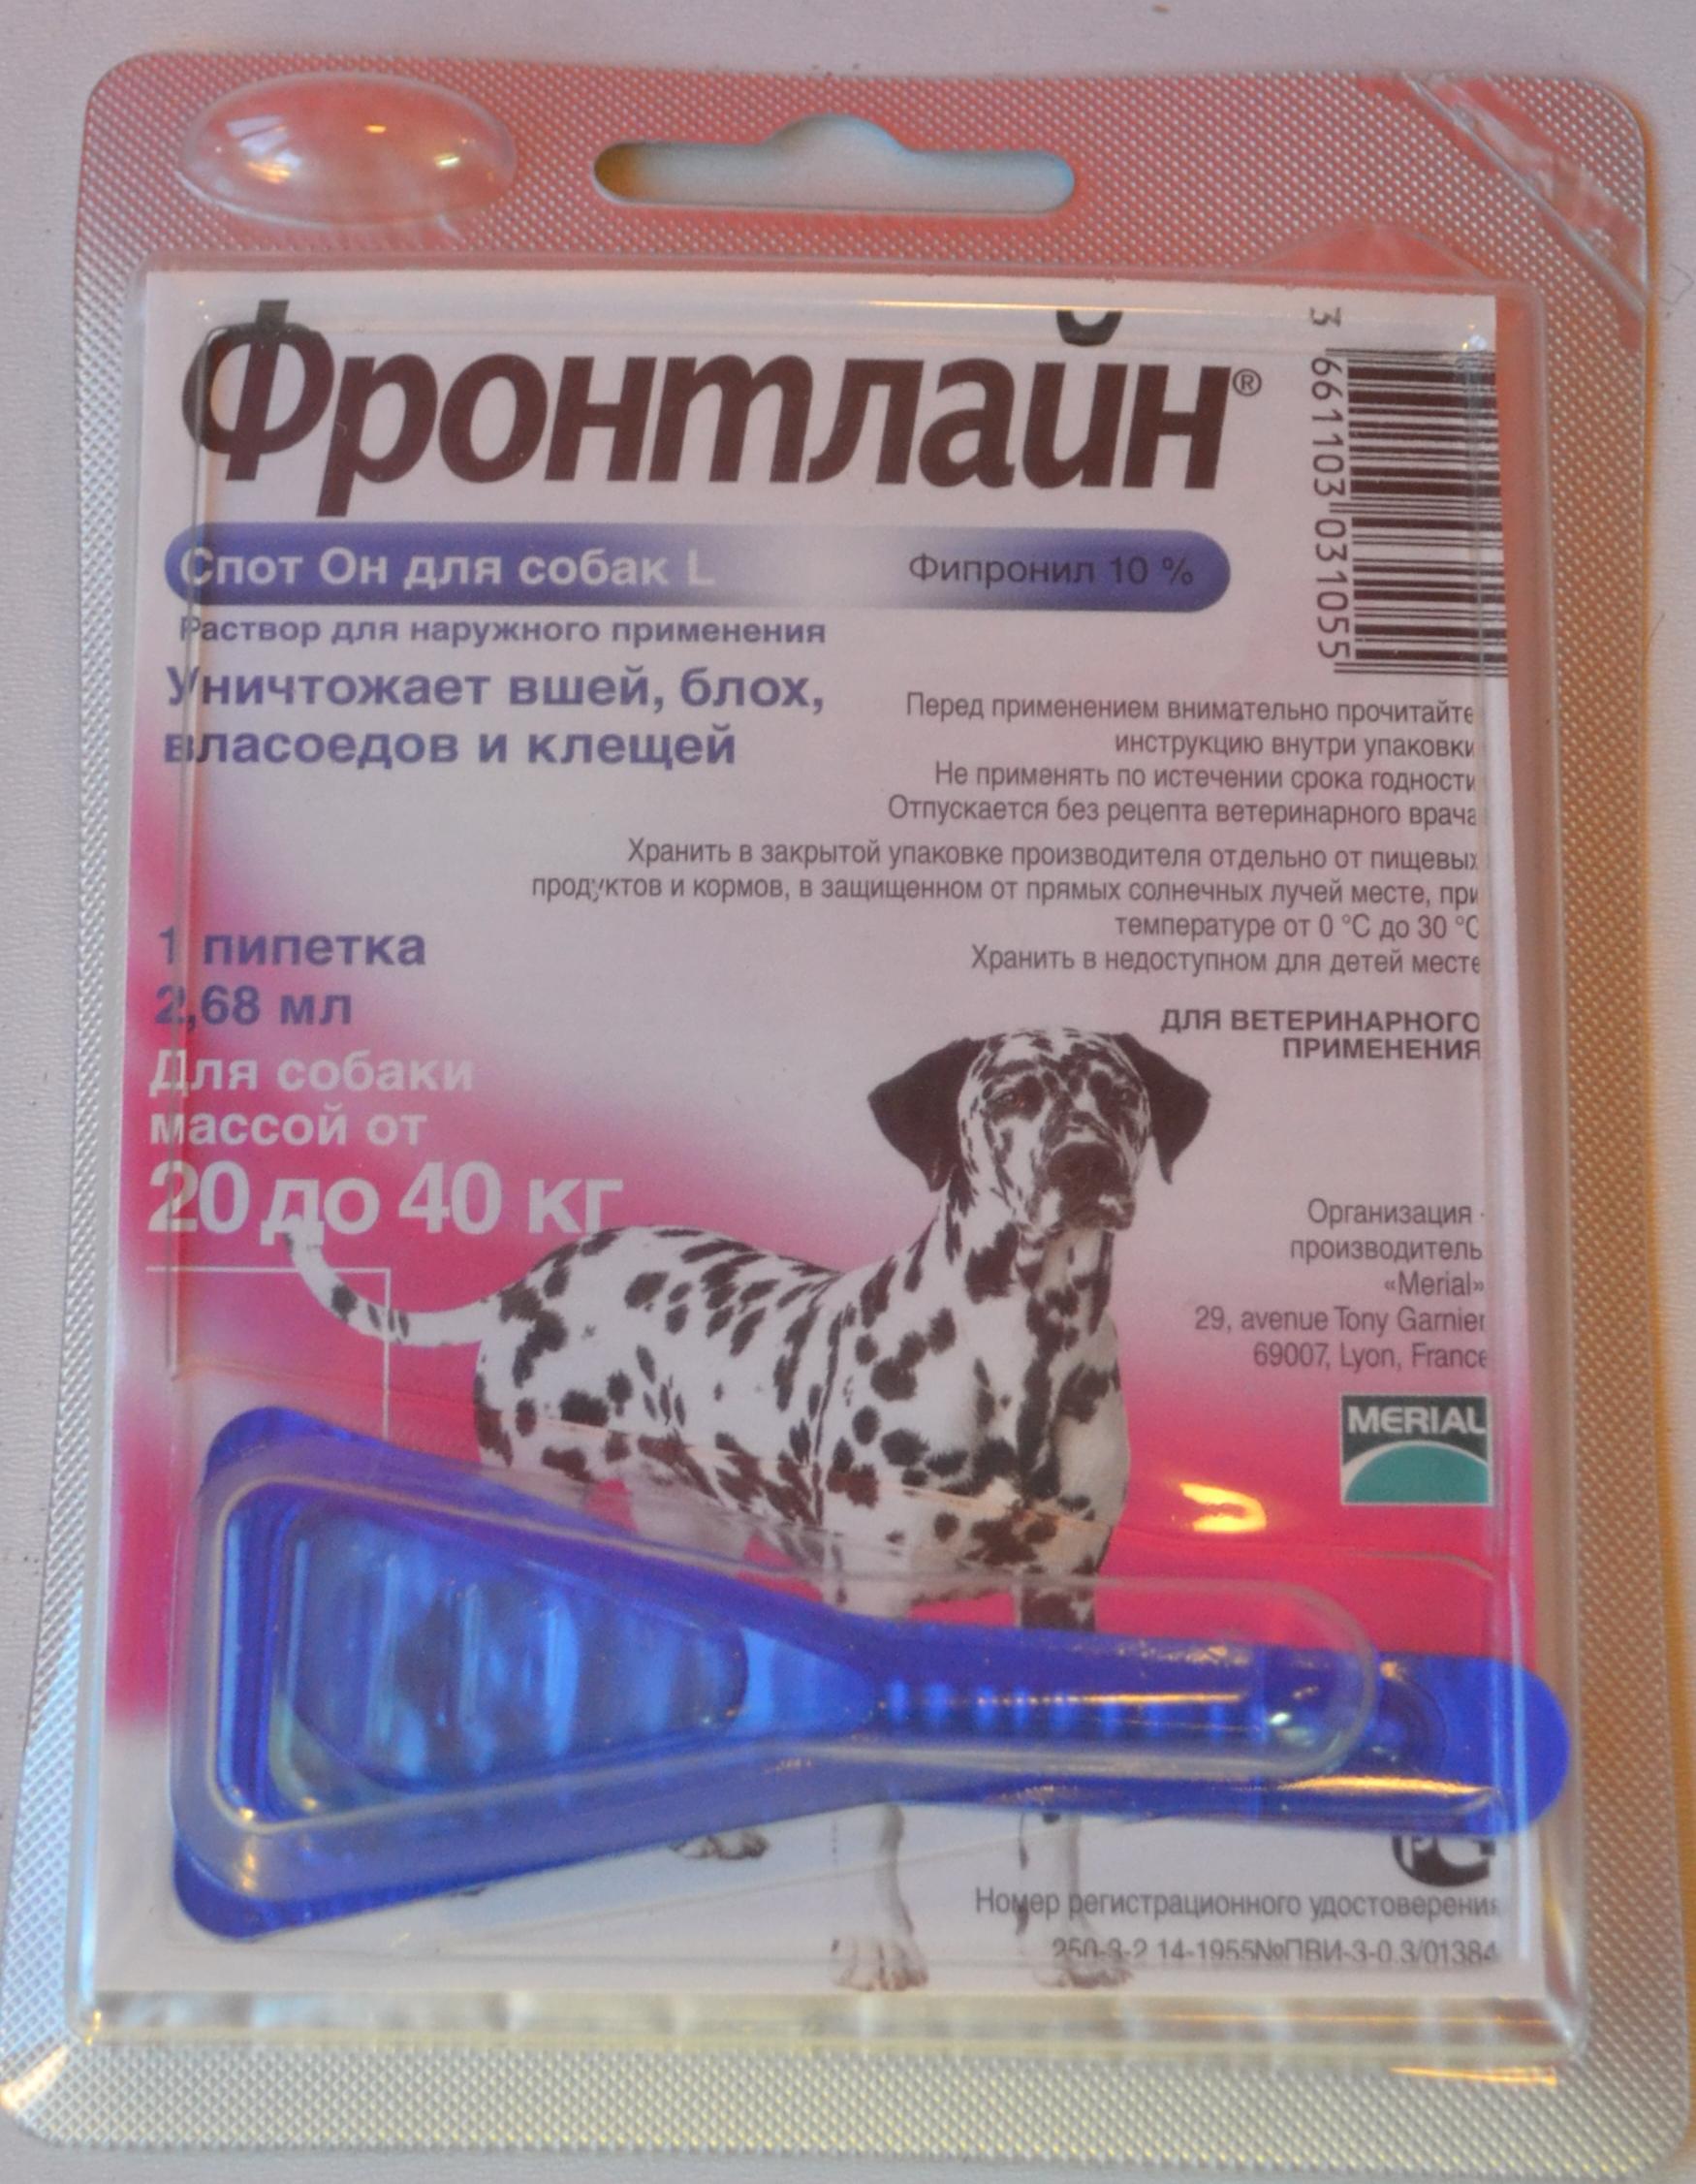 Фронтлайн комбо для собак и щенков: инструкция, отзывы